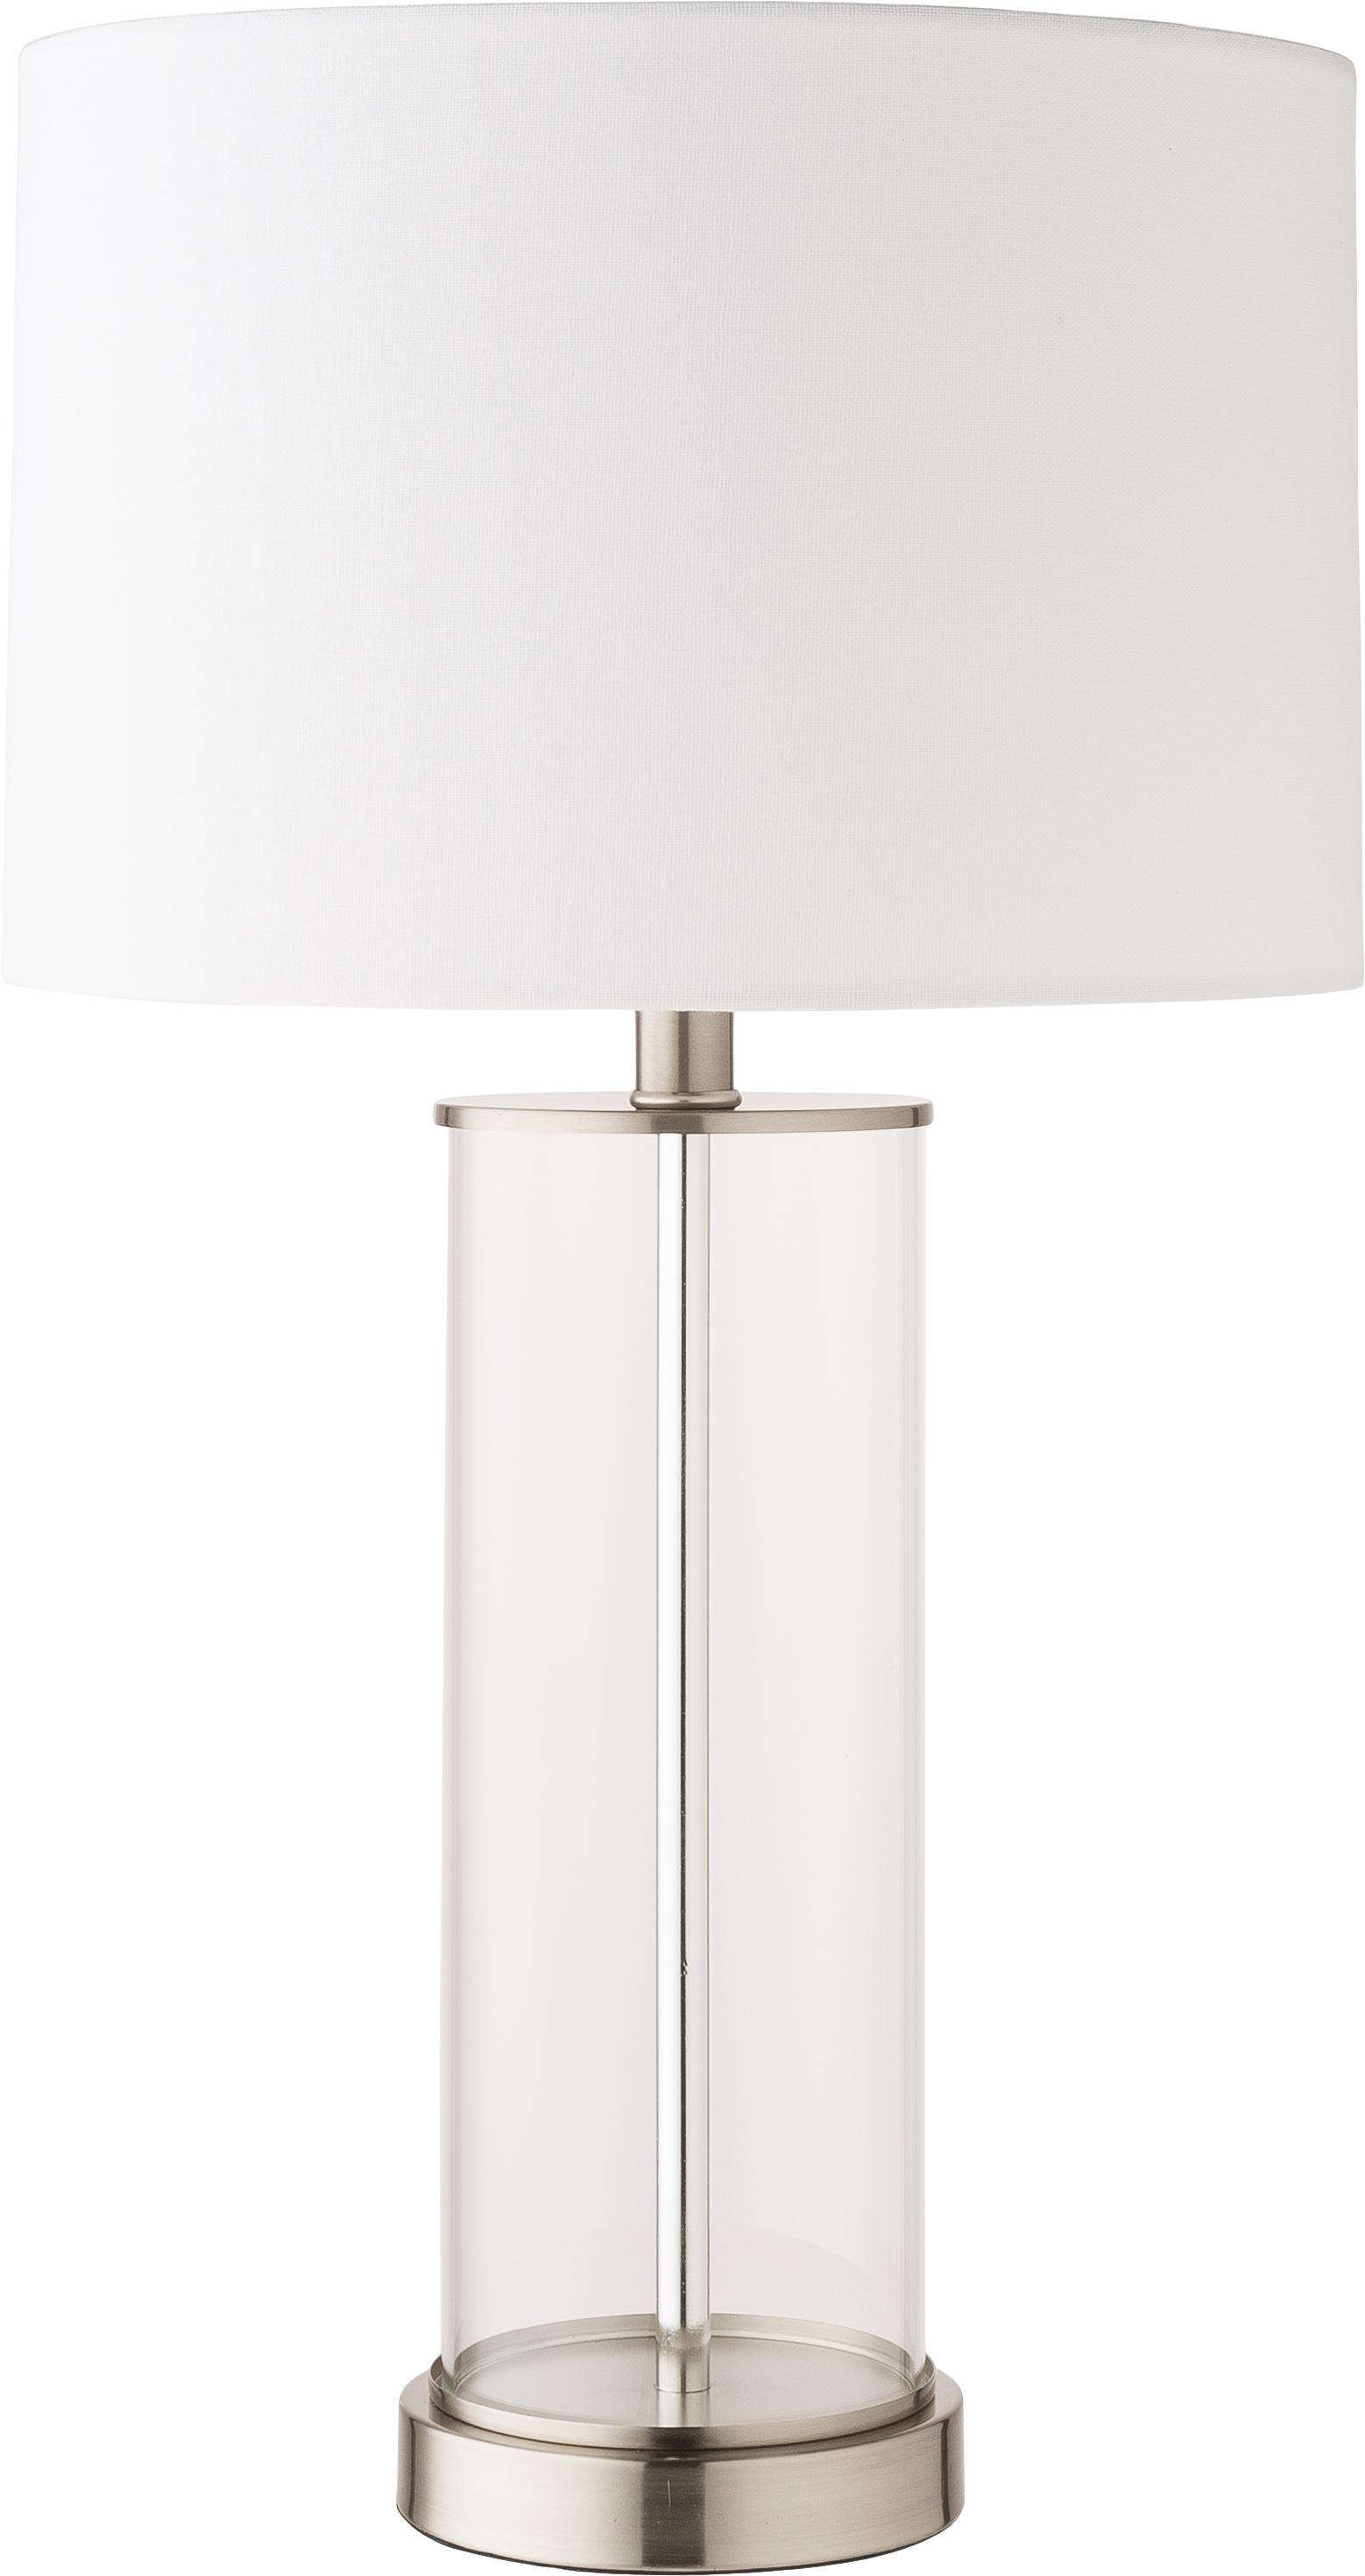 Lampada da tavolo Abigail, Base della lampada: vetro, Paralume: lino, Nichel, Ø 32 x Alt. 61 cm